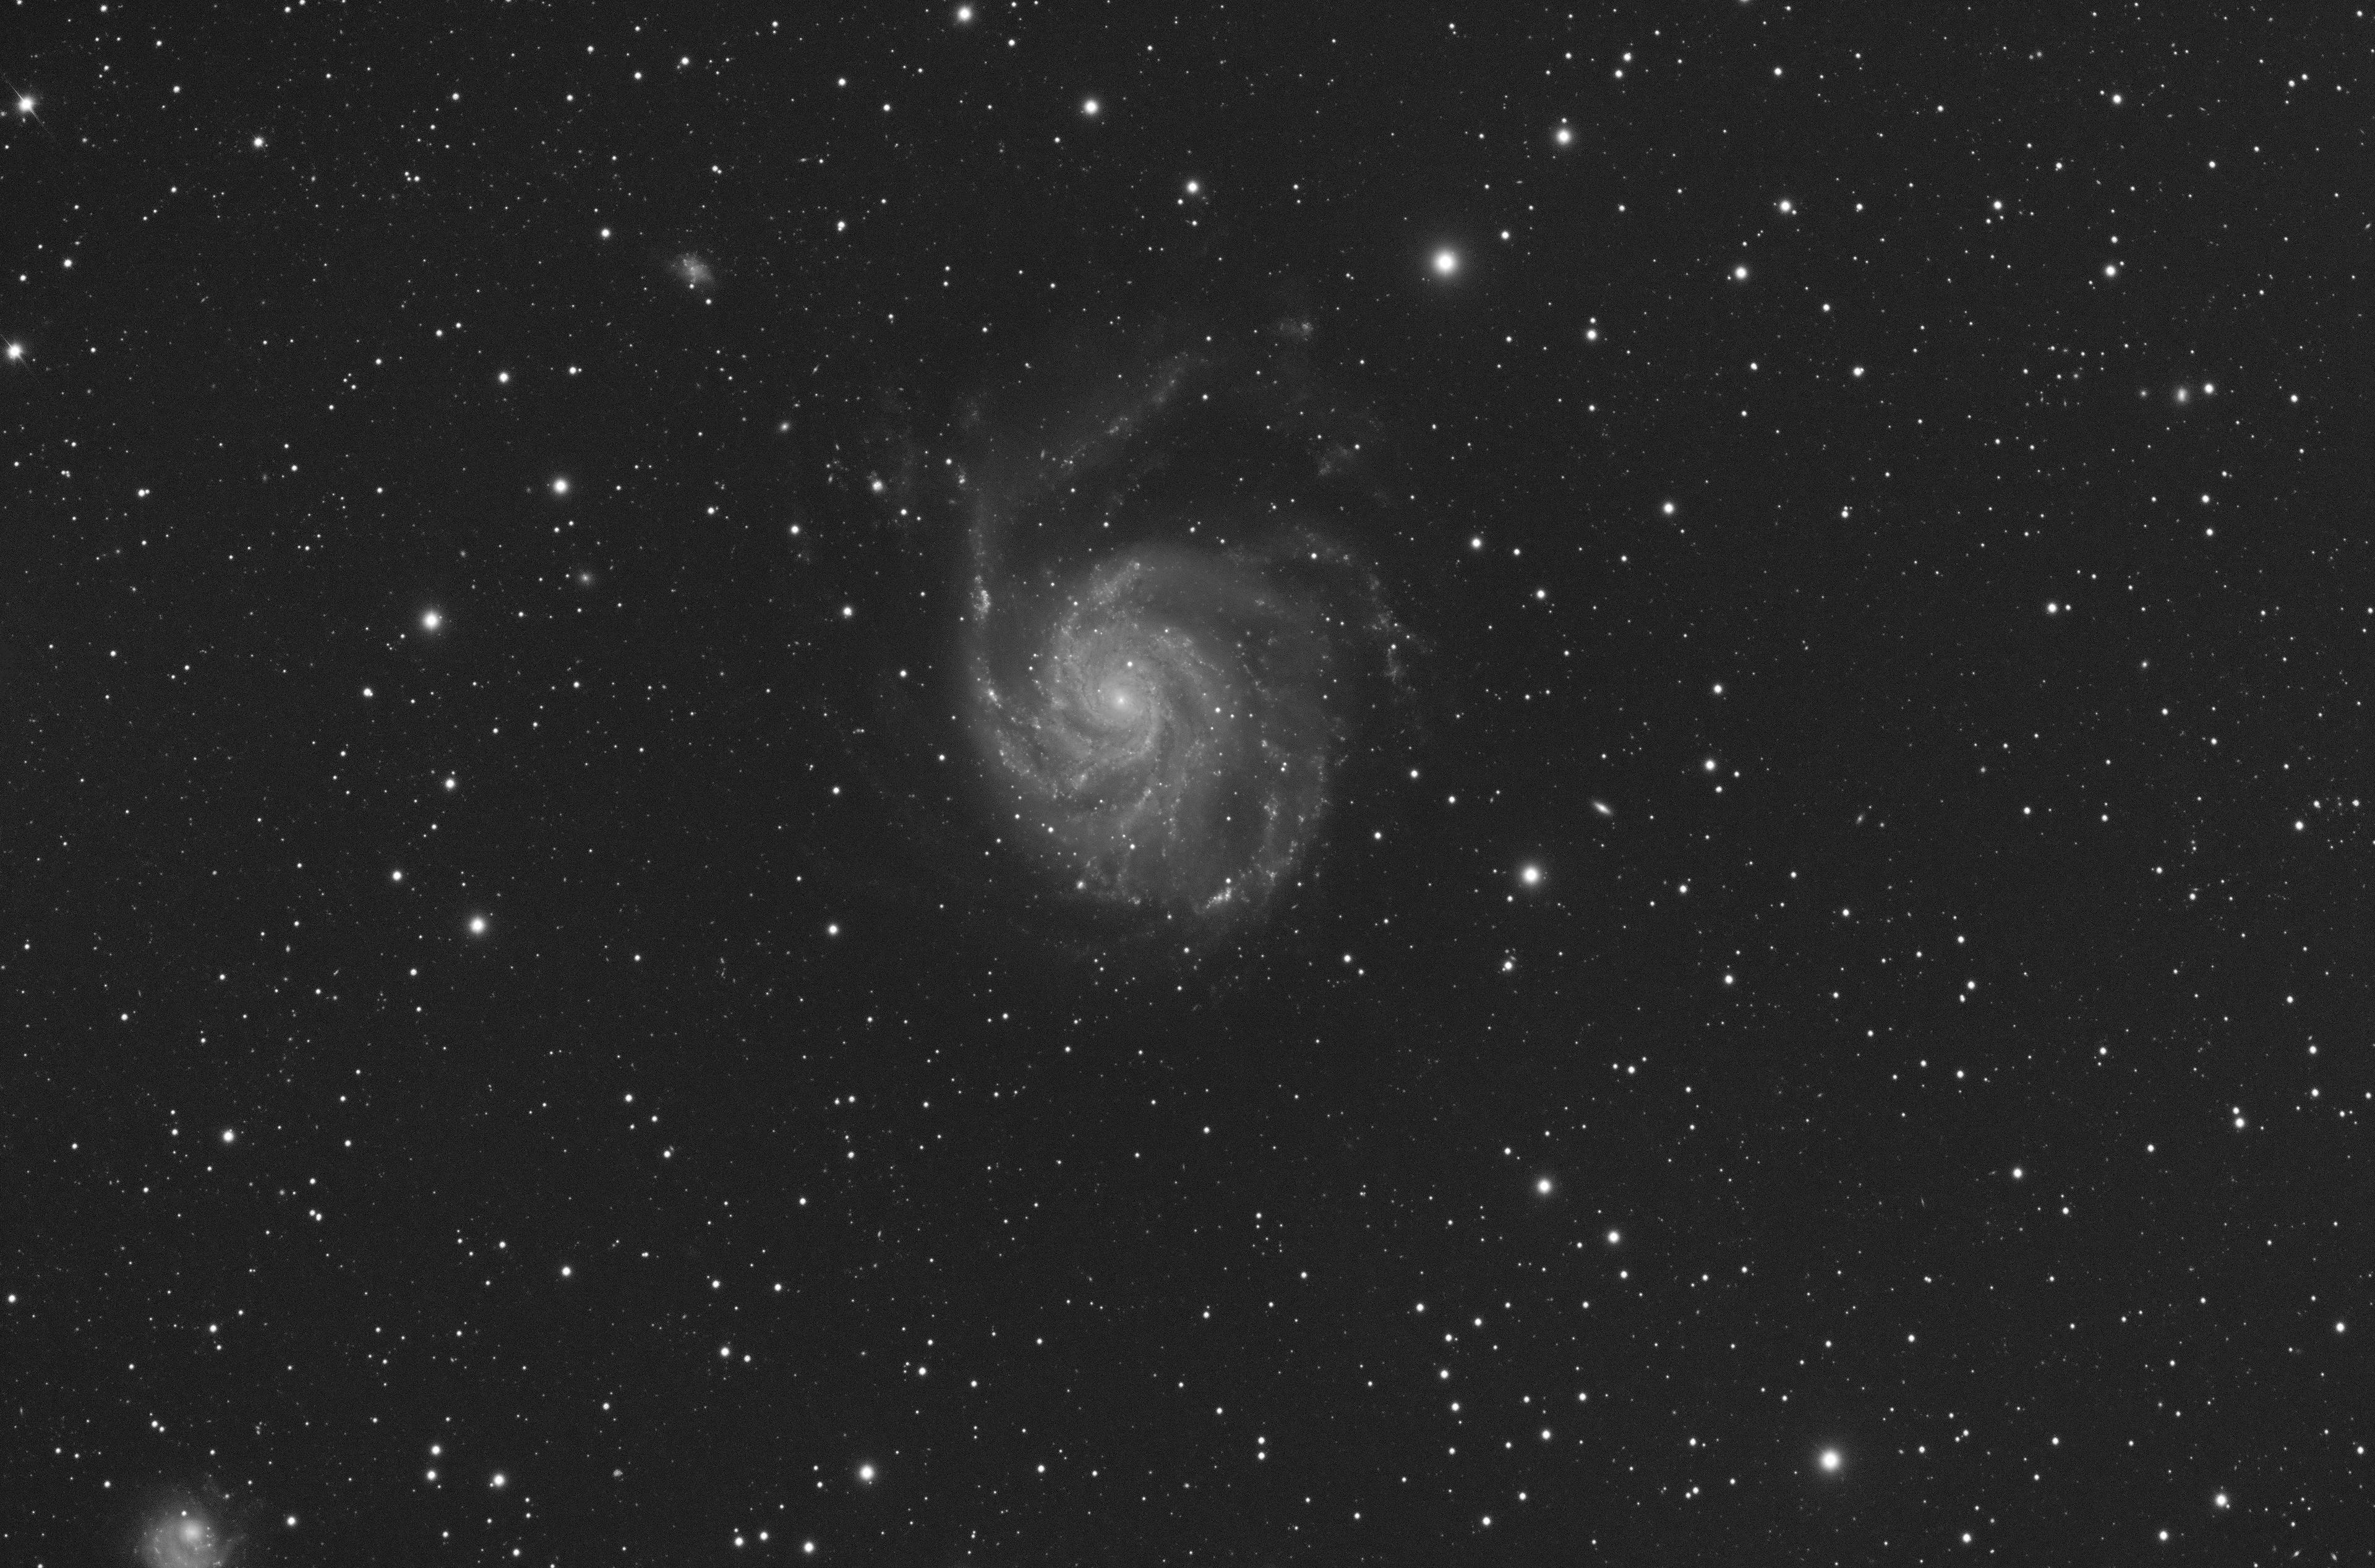 M101_FSQ106_F5_Altair183ProTec-15_57x120s.jpg